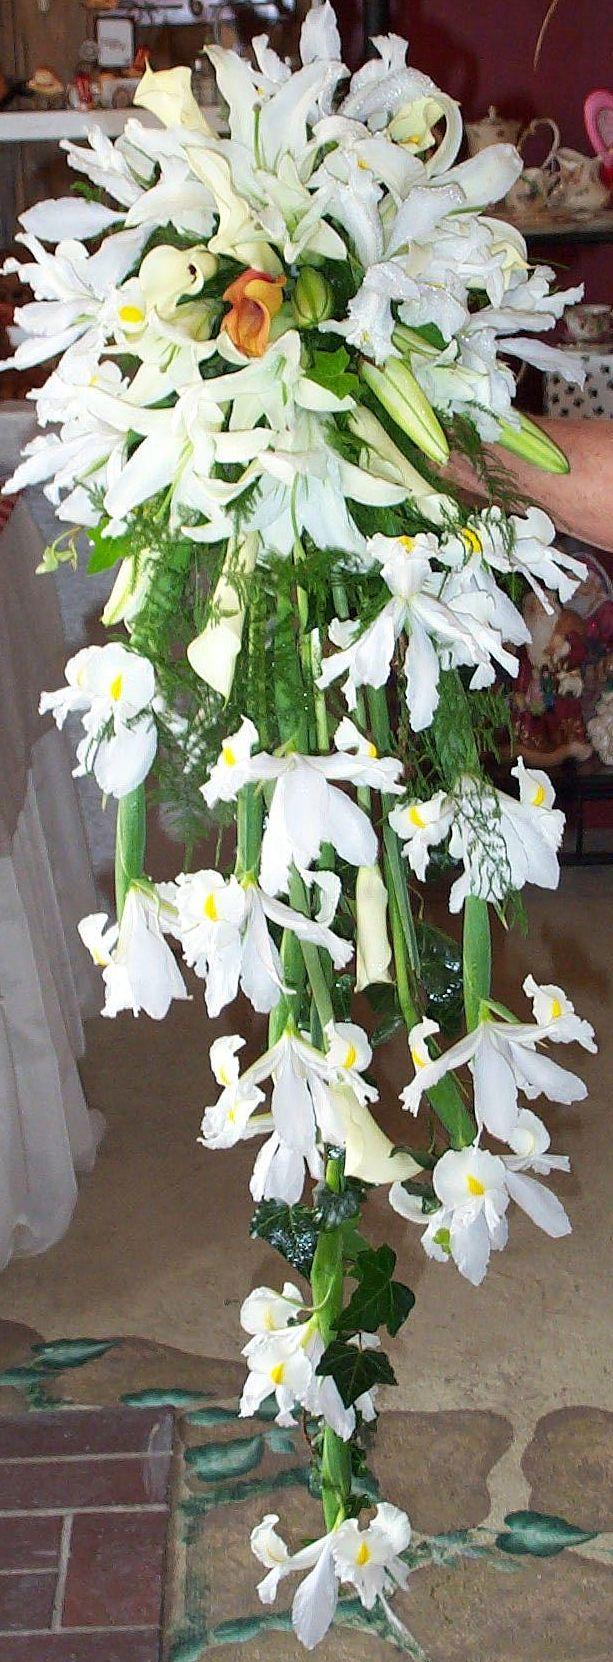 Floral 071504 096.jpg